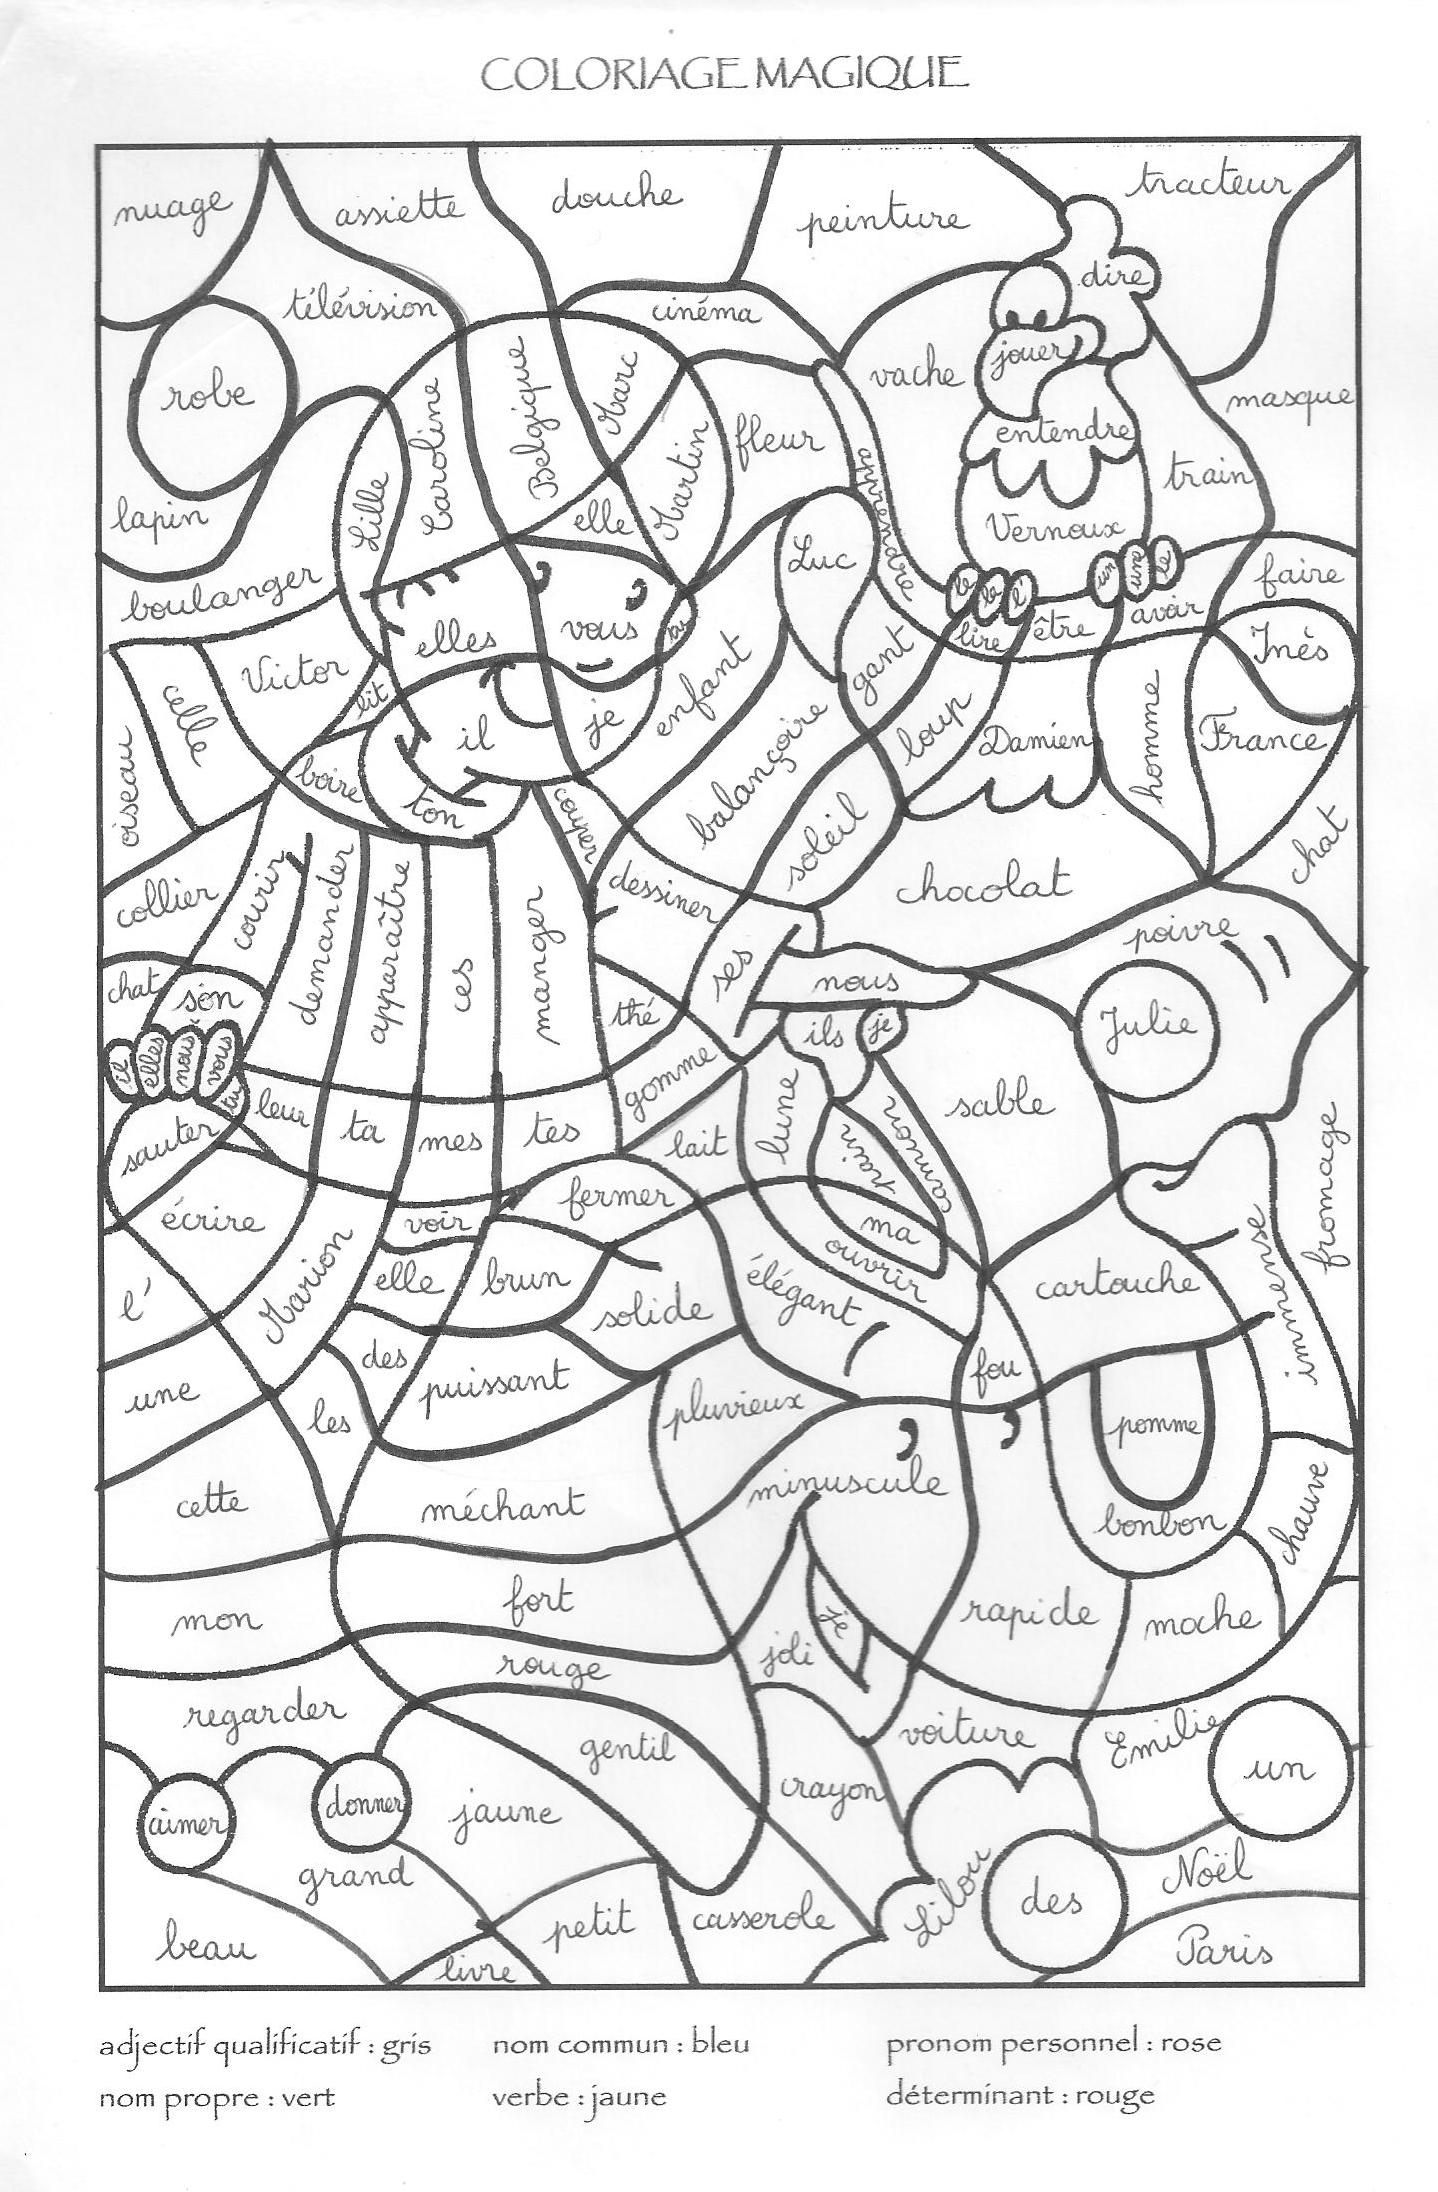 30 dessins de coloriage Magique Pokemon à imprimer